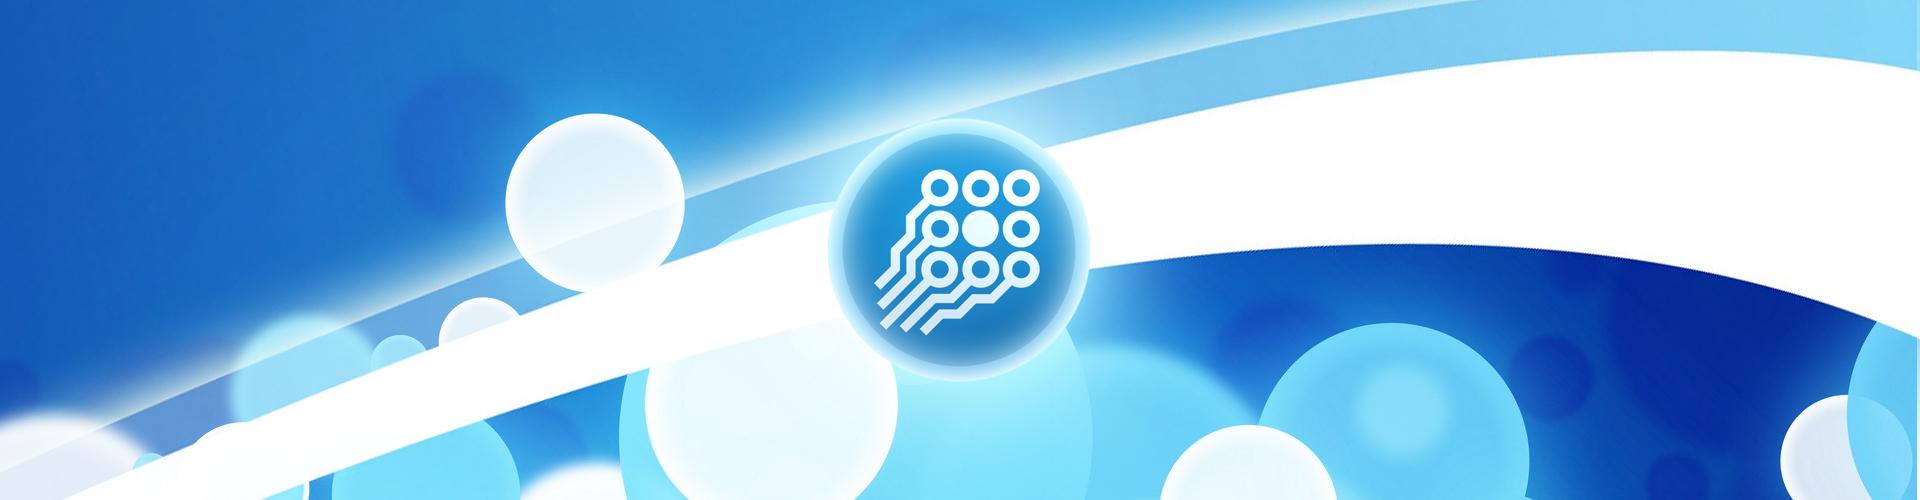 com8com1 software - We're online!